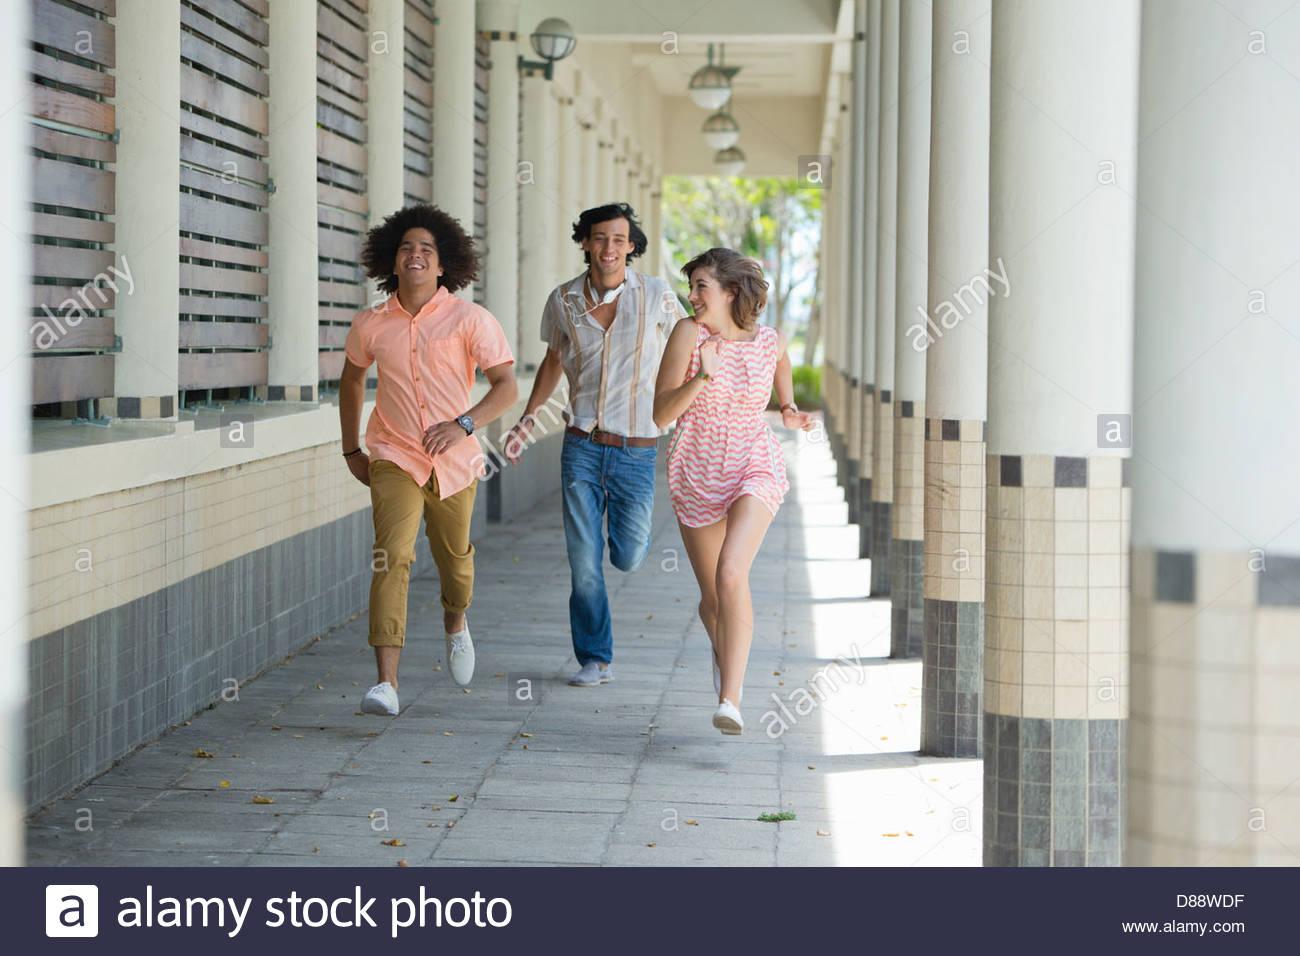 Sonriendo amigos corriendo a lo largo del corredor Imagen De Stock